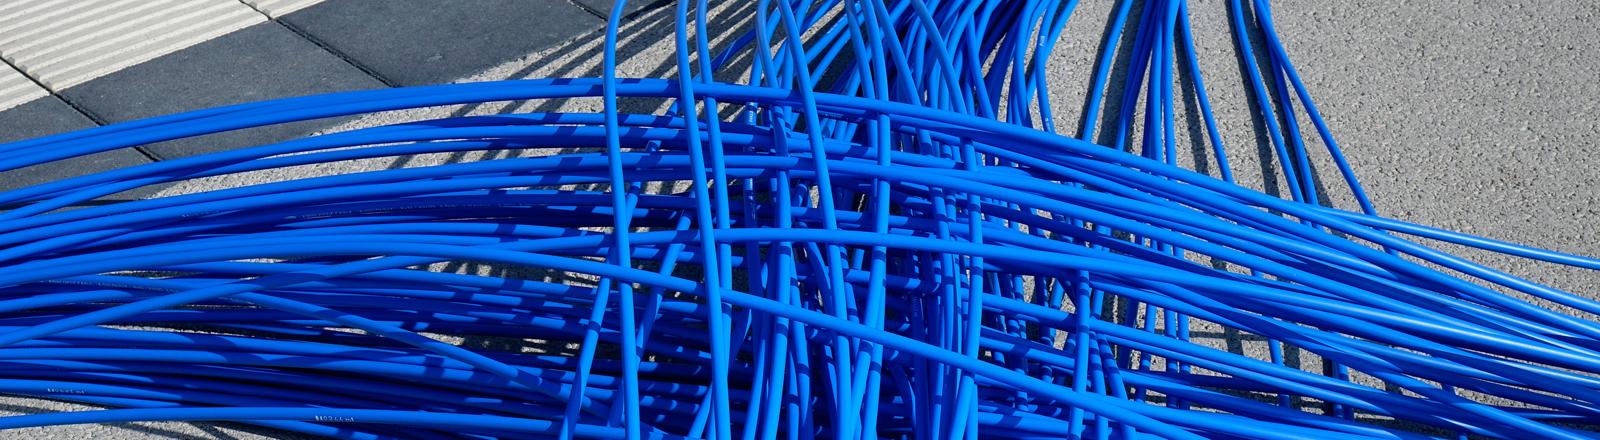 Blaue Glasfaserkabel auf Boden